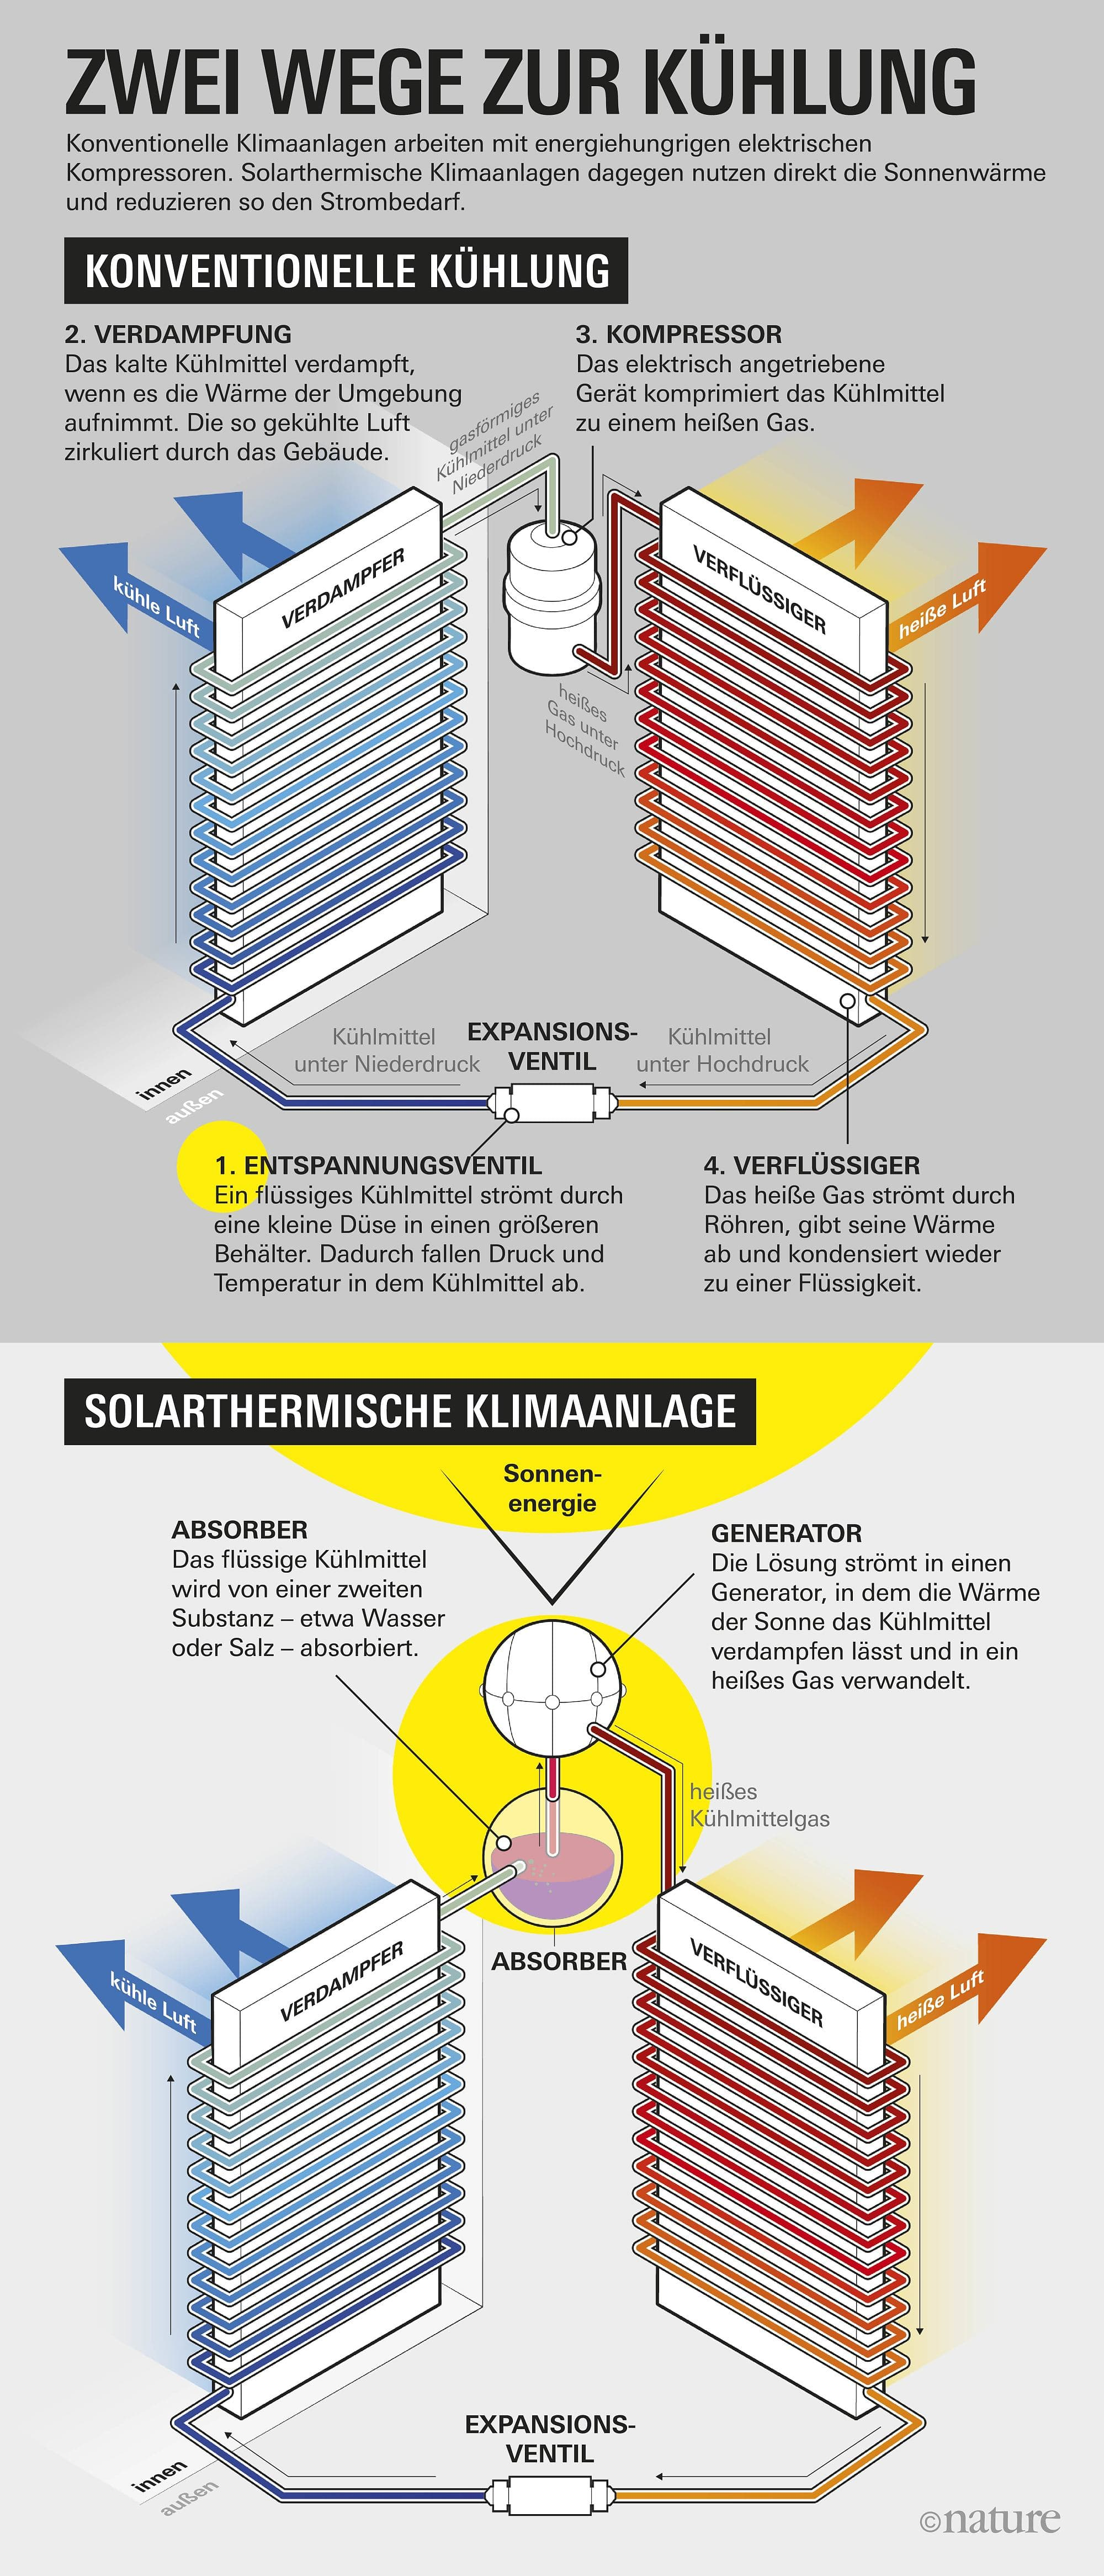 Groß Verflüssiger Motor Schaltplan Zeitgenössisch - Schaltplan Serie ...